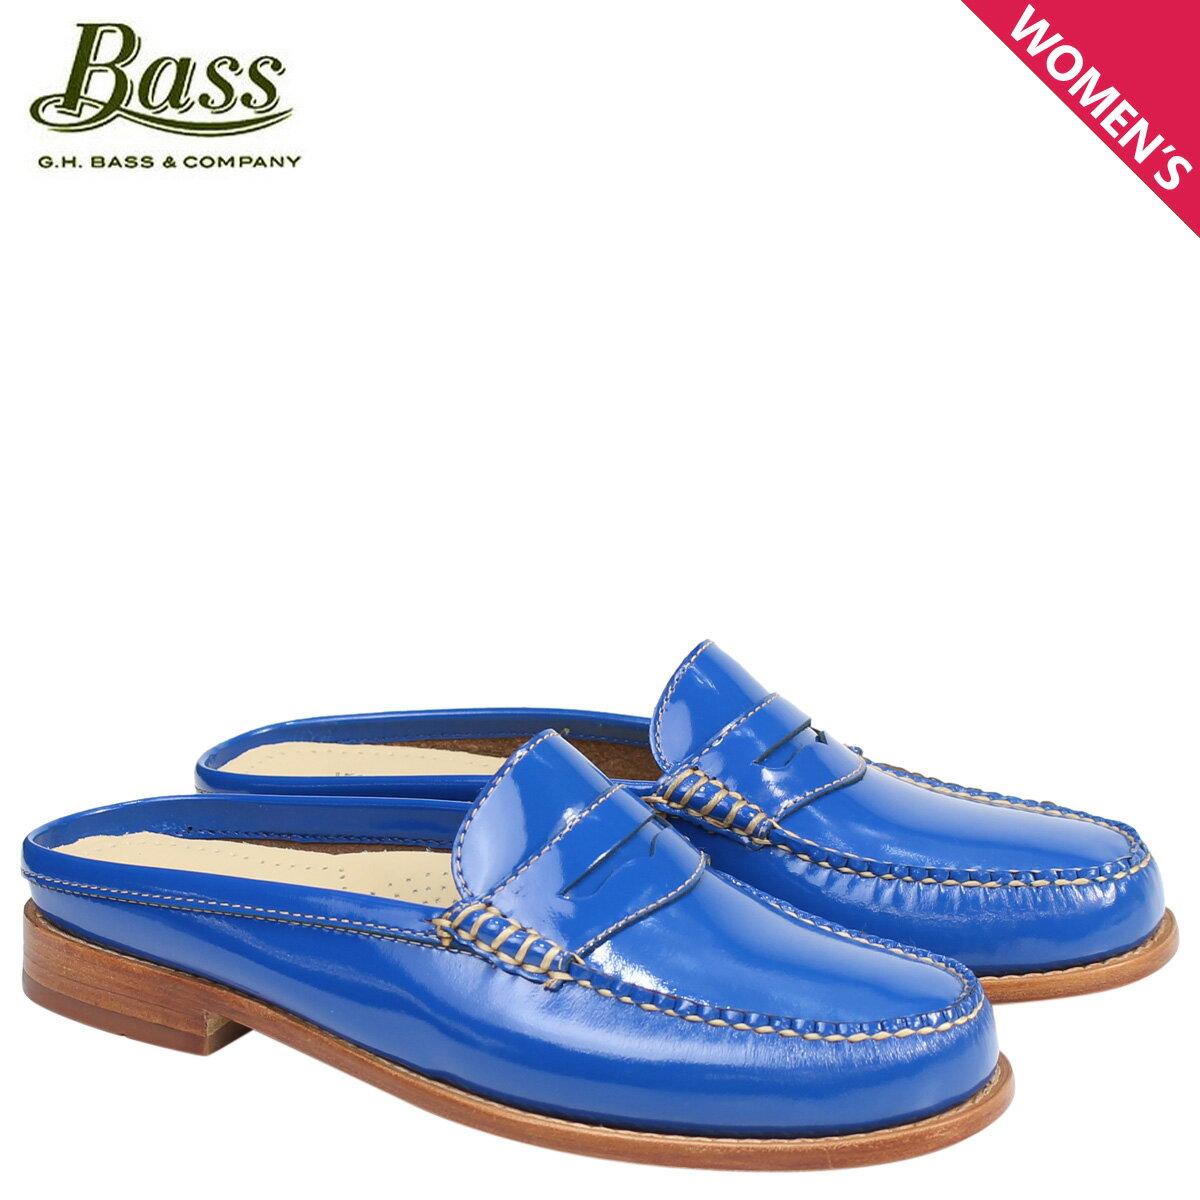 ジーエイチバス ローファー G.H. BASS レディース サンダル スリッパ バブーシュ WYNN PATENT LEATHER MULE WEEJUNS 71-22857 靴 ブルー [176]